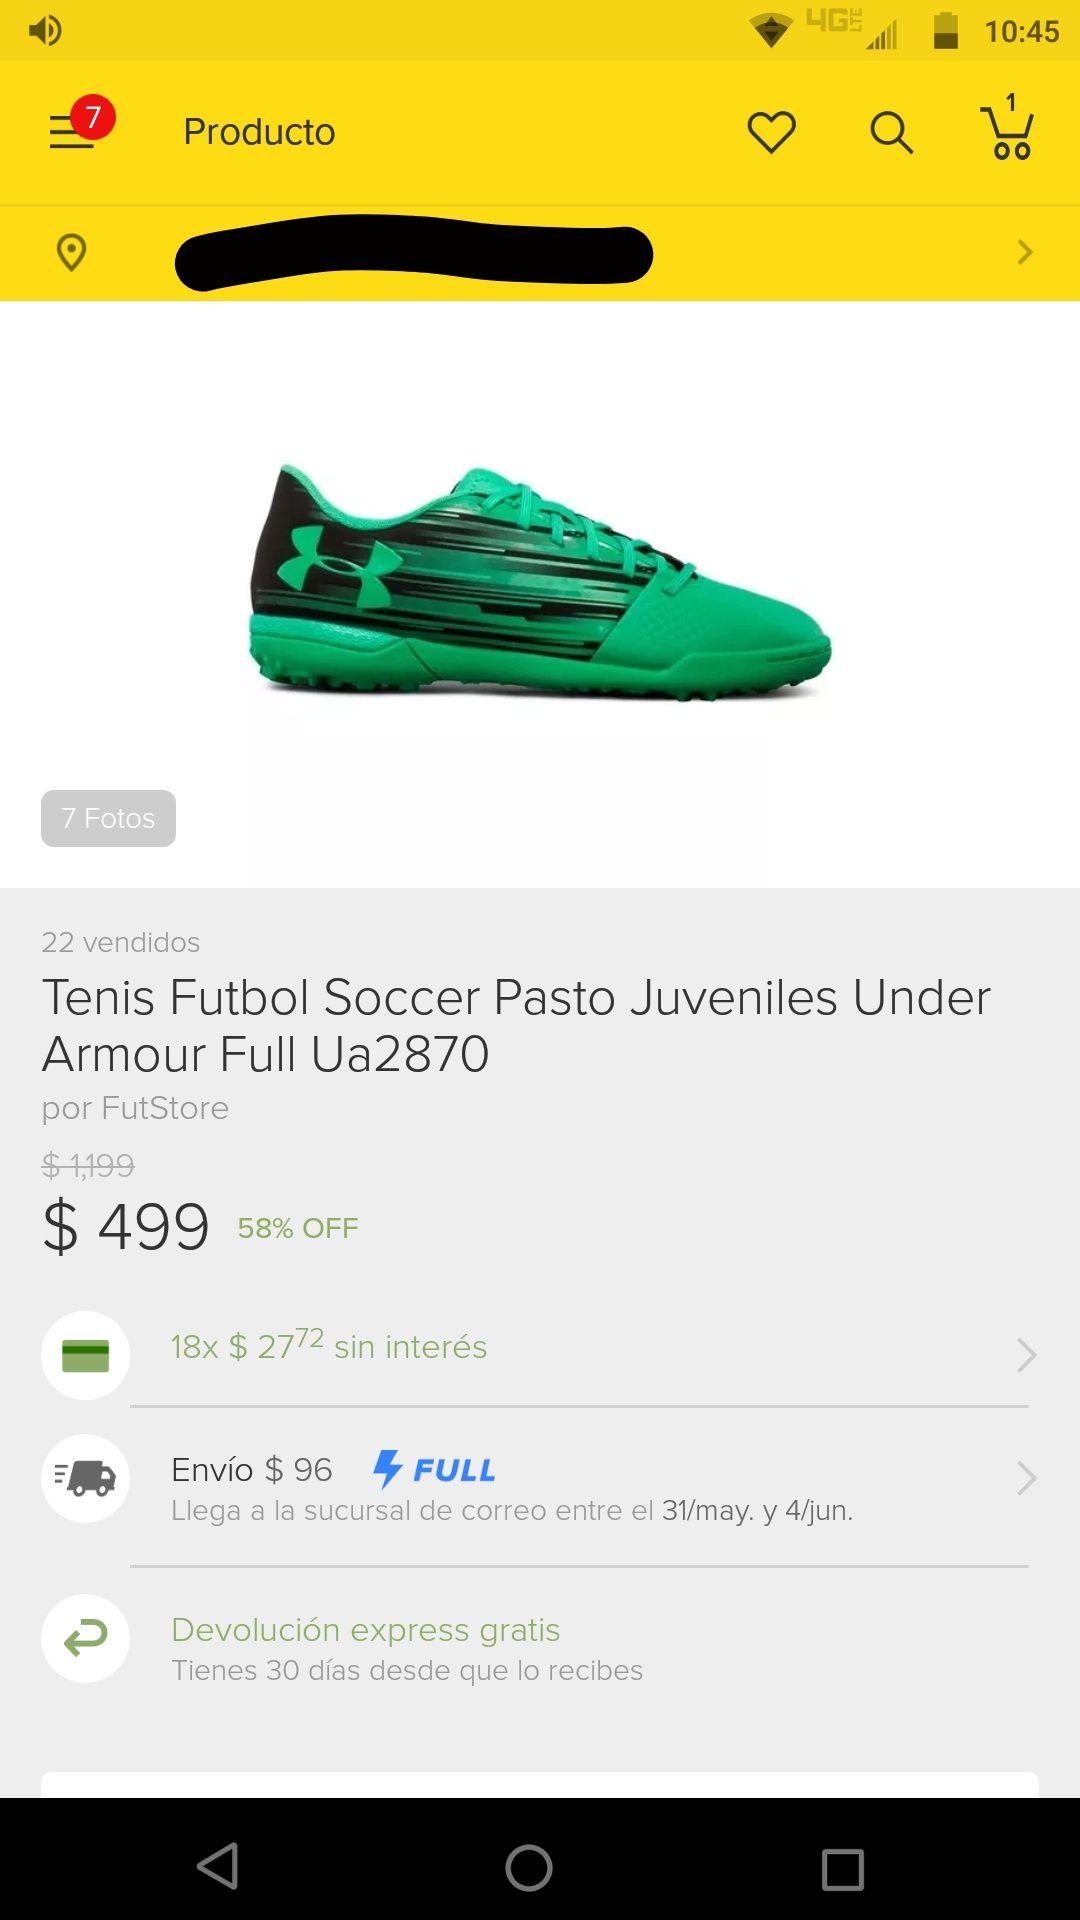 Tienda oficial FutStore en Mercado Libre: Tenis de fútbol under armour